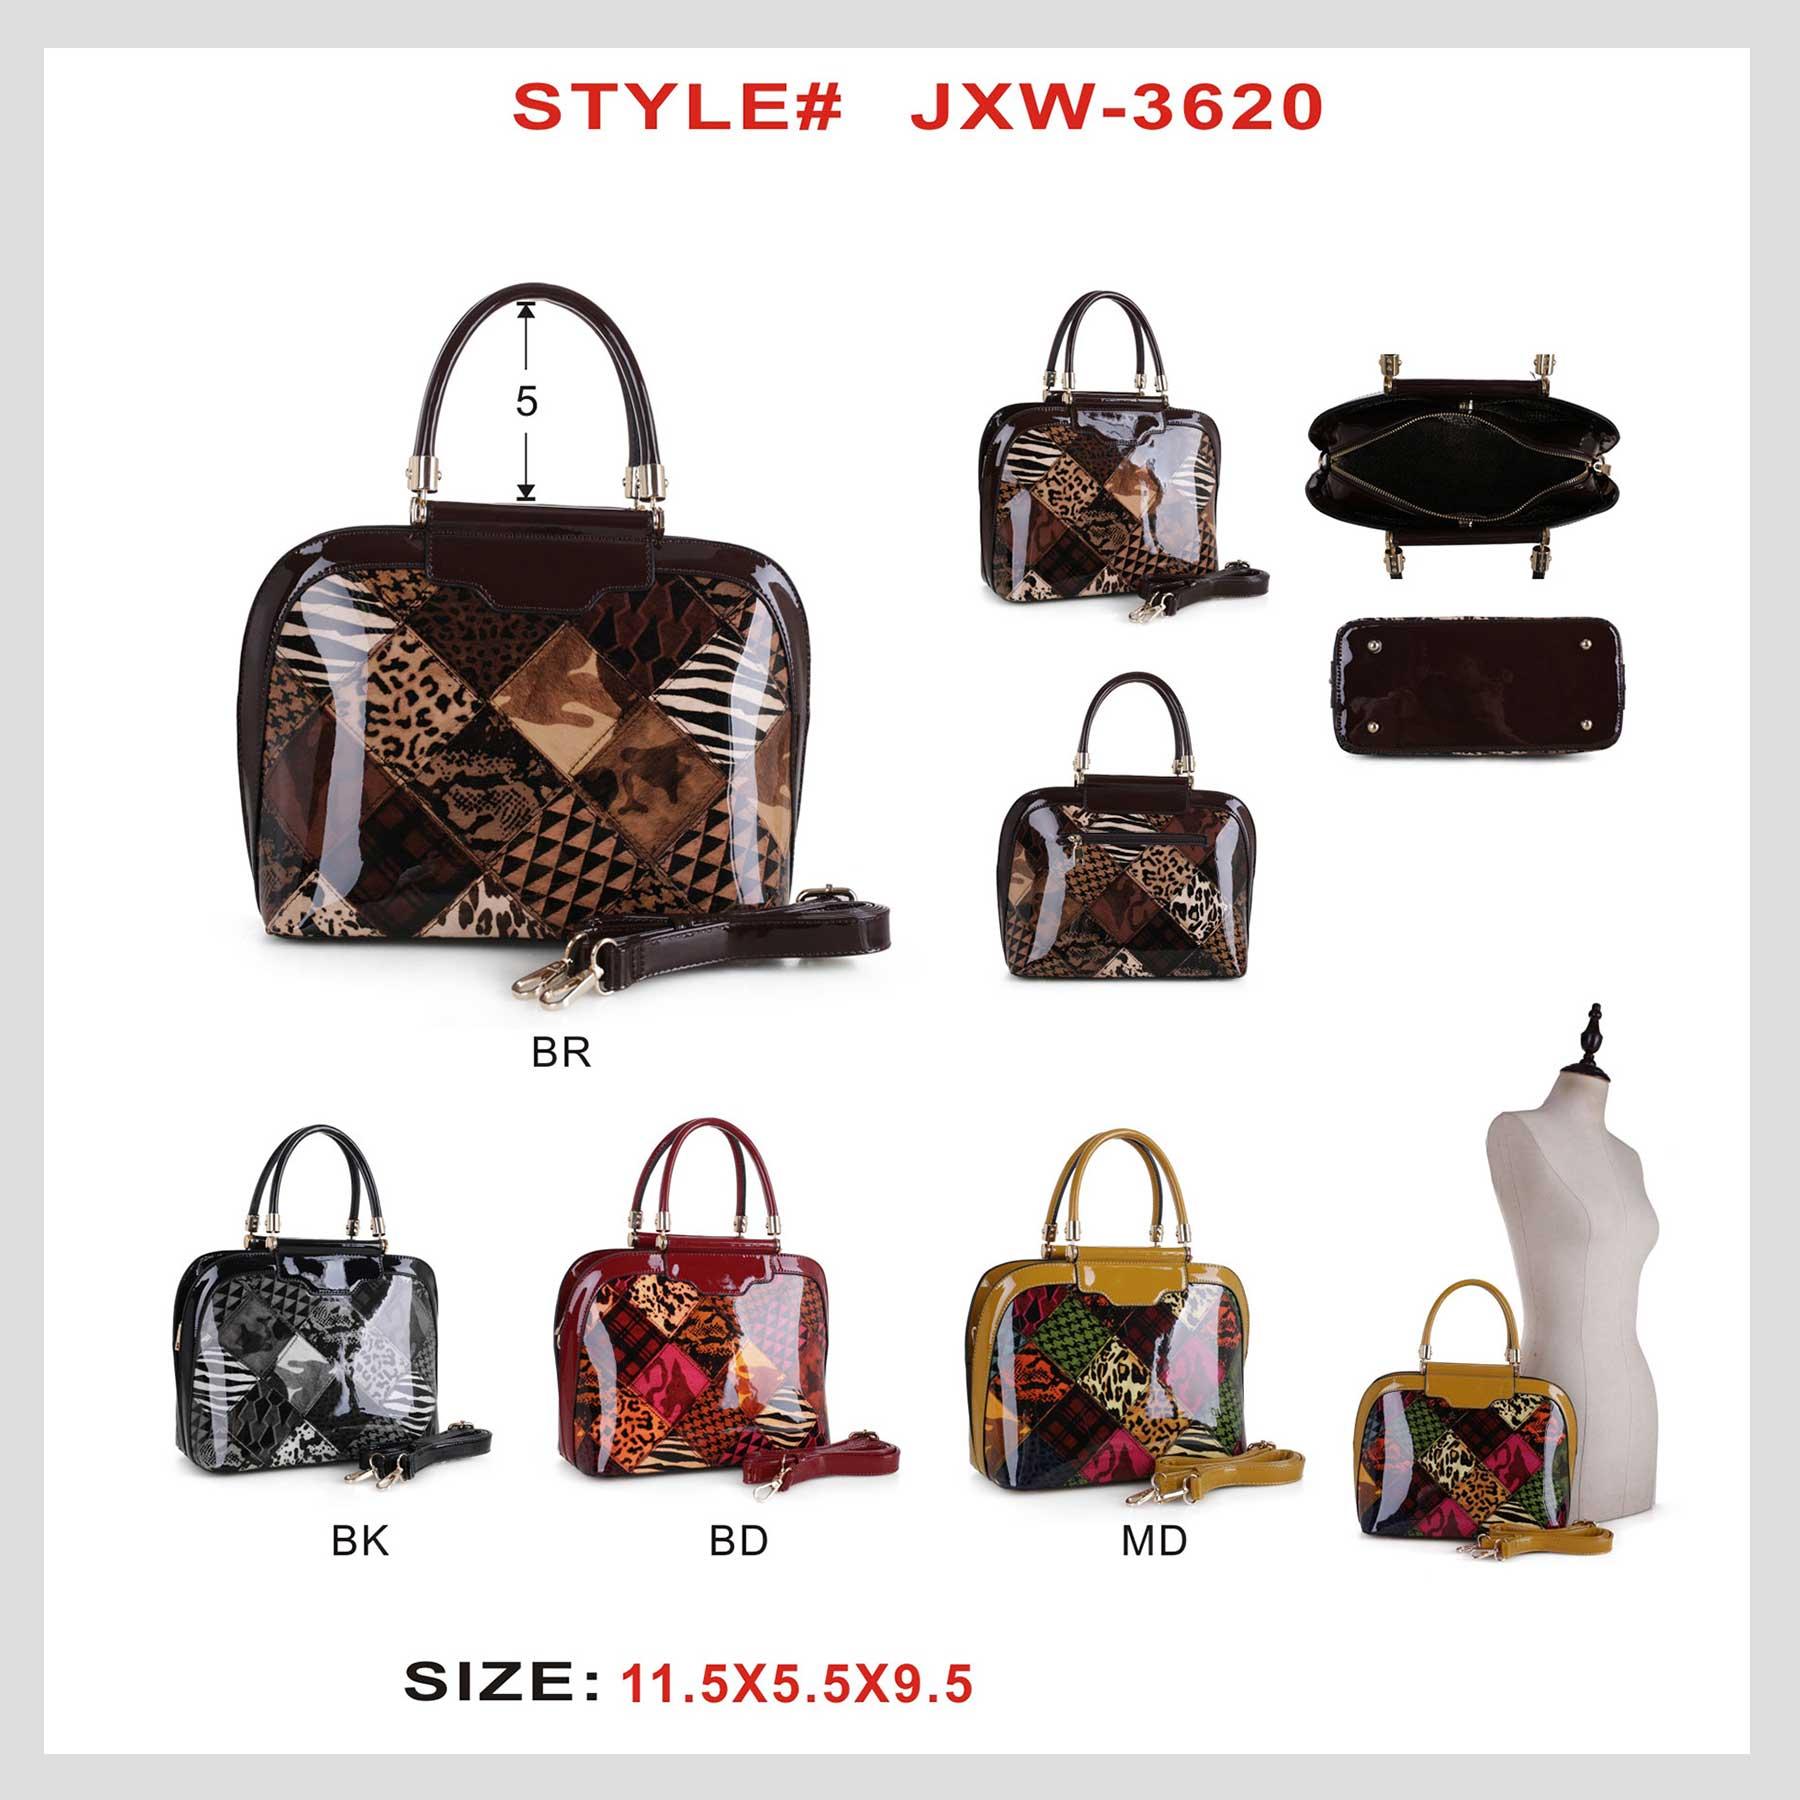 JXW-3620.jpg